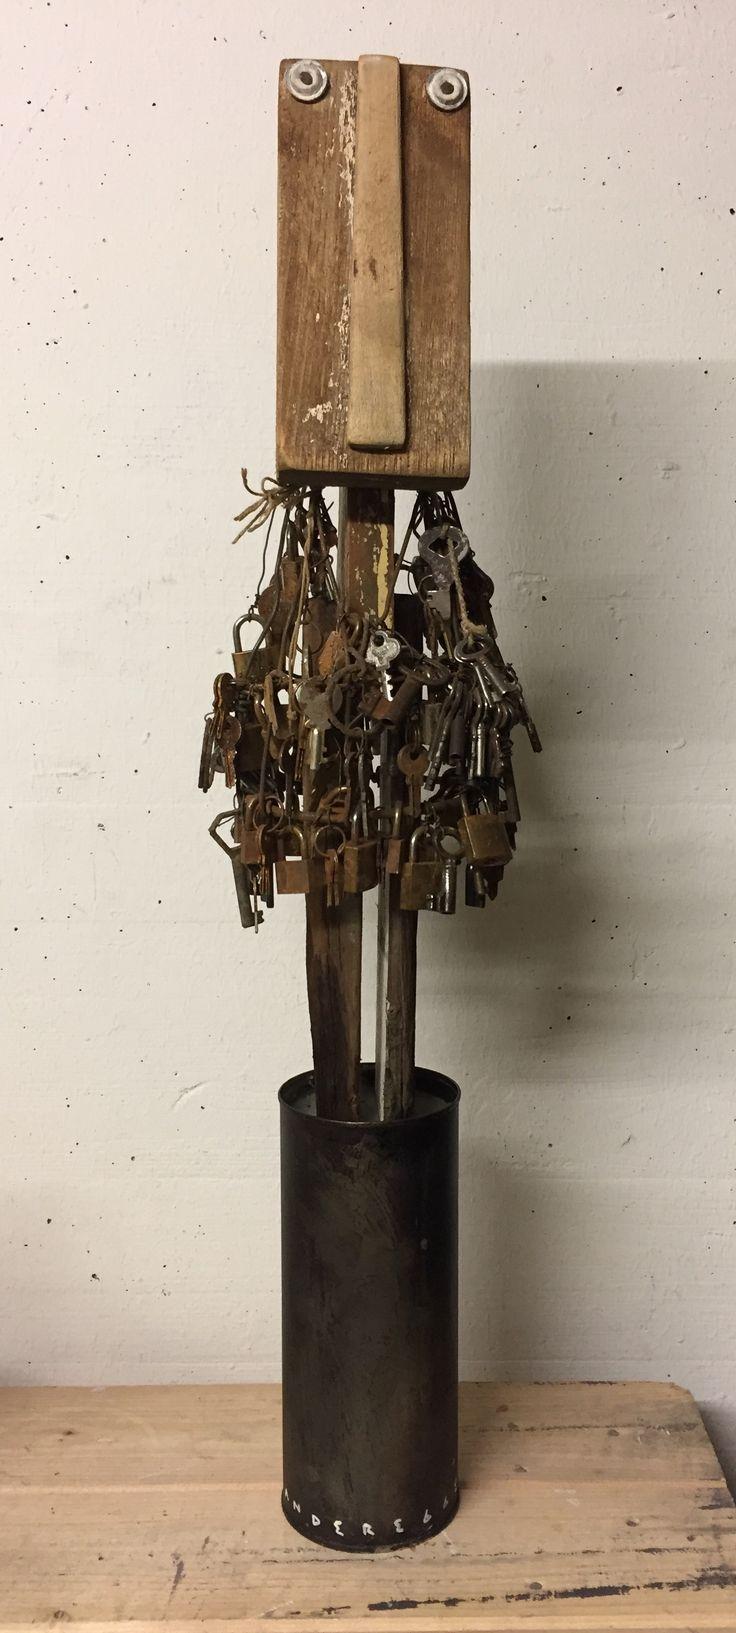 38 best Recycled art. Juan andereggen images on Pinterest ...